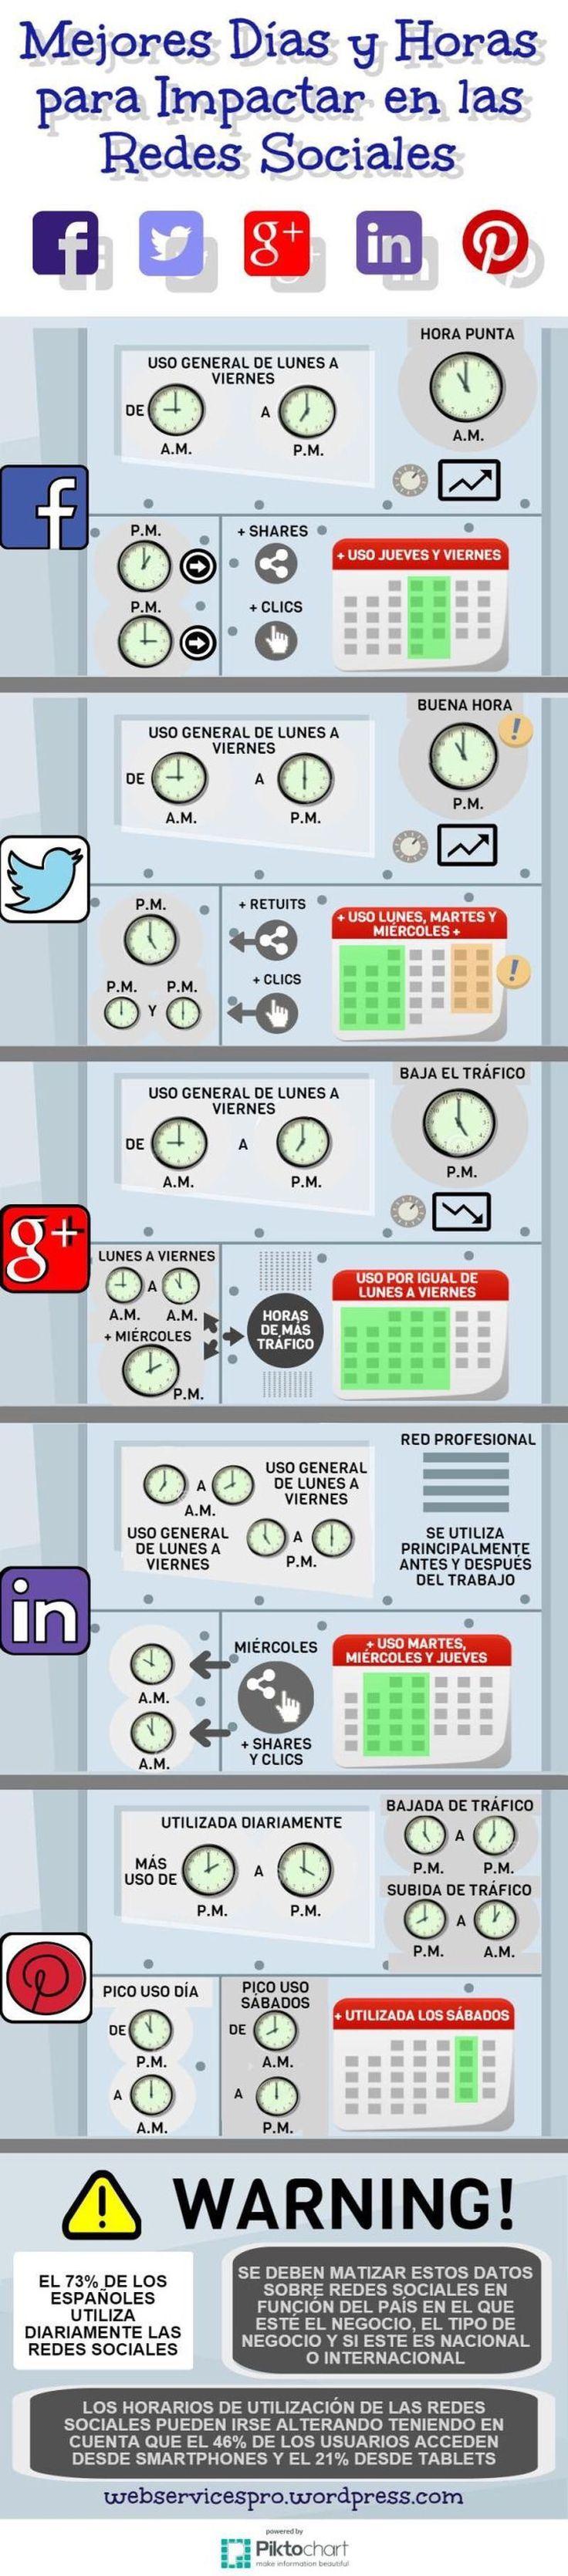 Mejores horas y días para publicar en tus Redes - http://conecta2.cat/mejores-horas-y-dias-para-publicar-en-tus-redes/